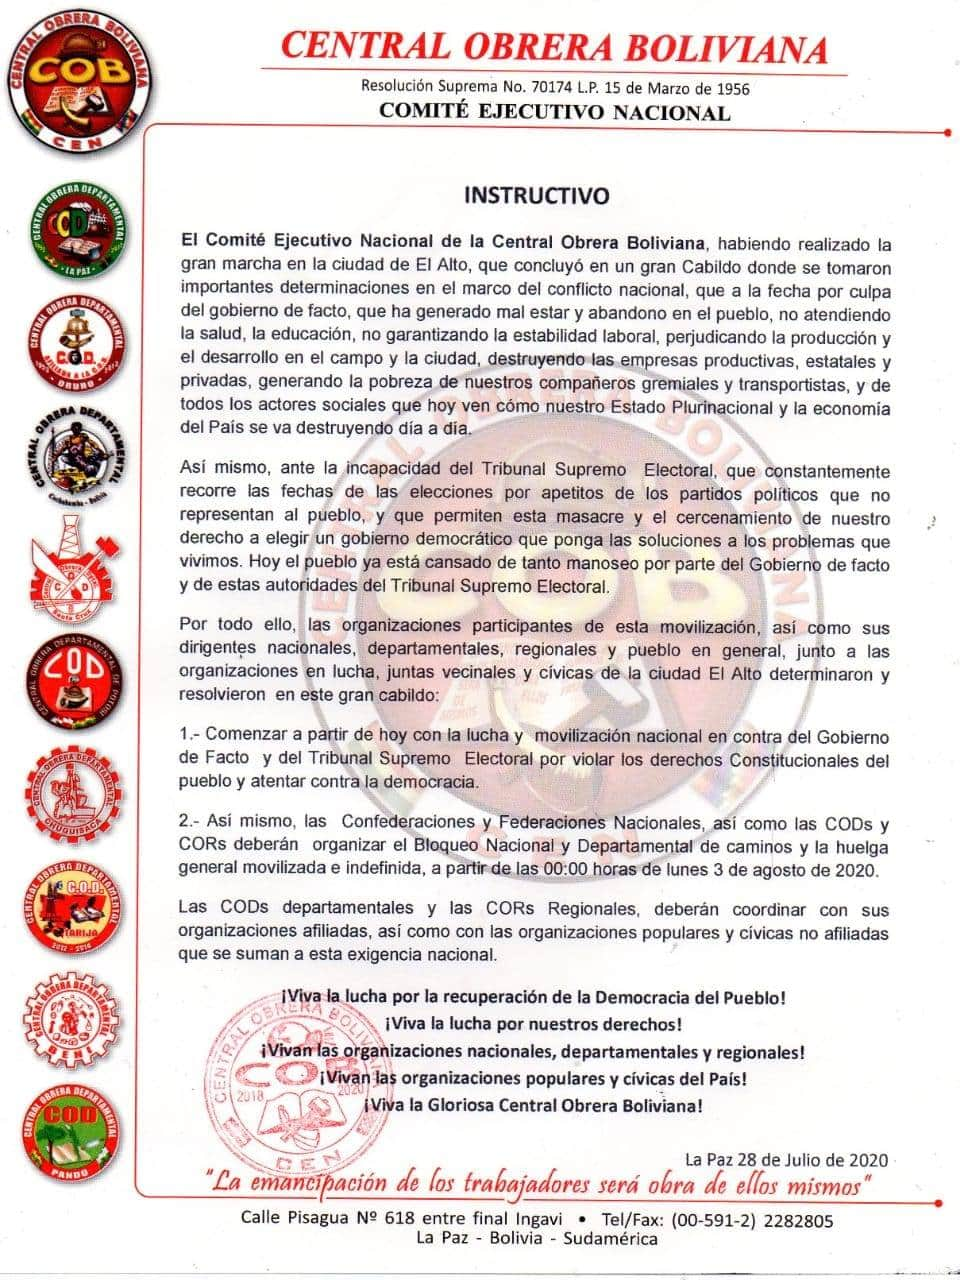 Urgente: La COB instruye inició de huelga general y bloqueo de caminos desde las 00:00 del lunes 3 de agosto